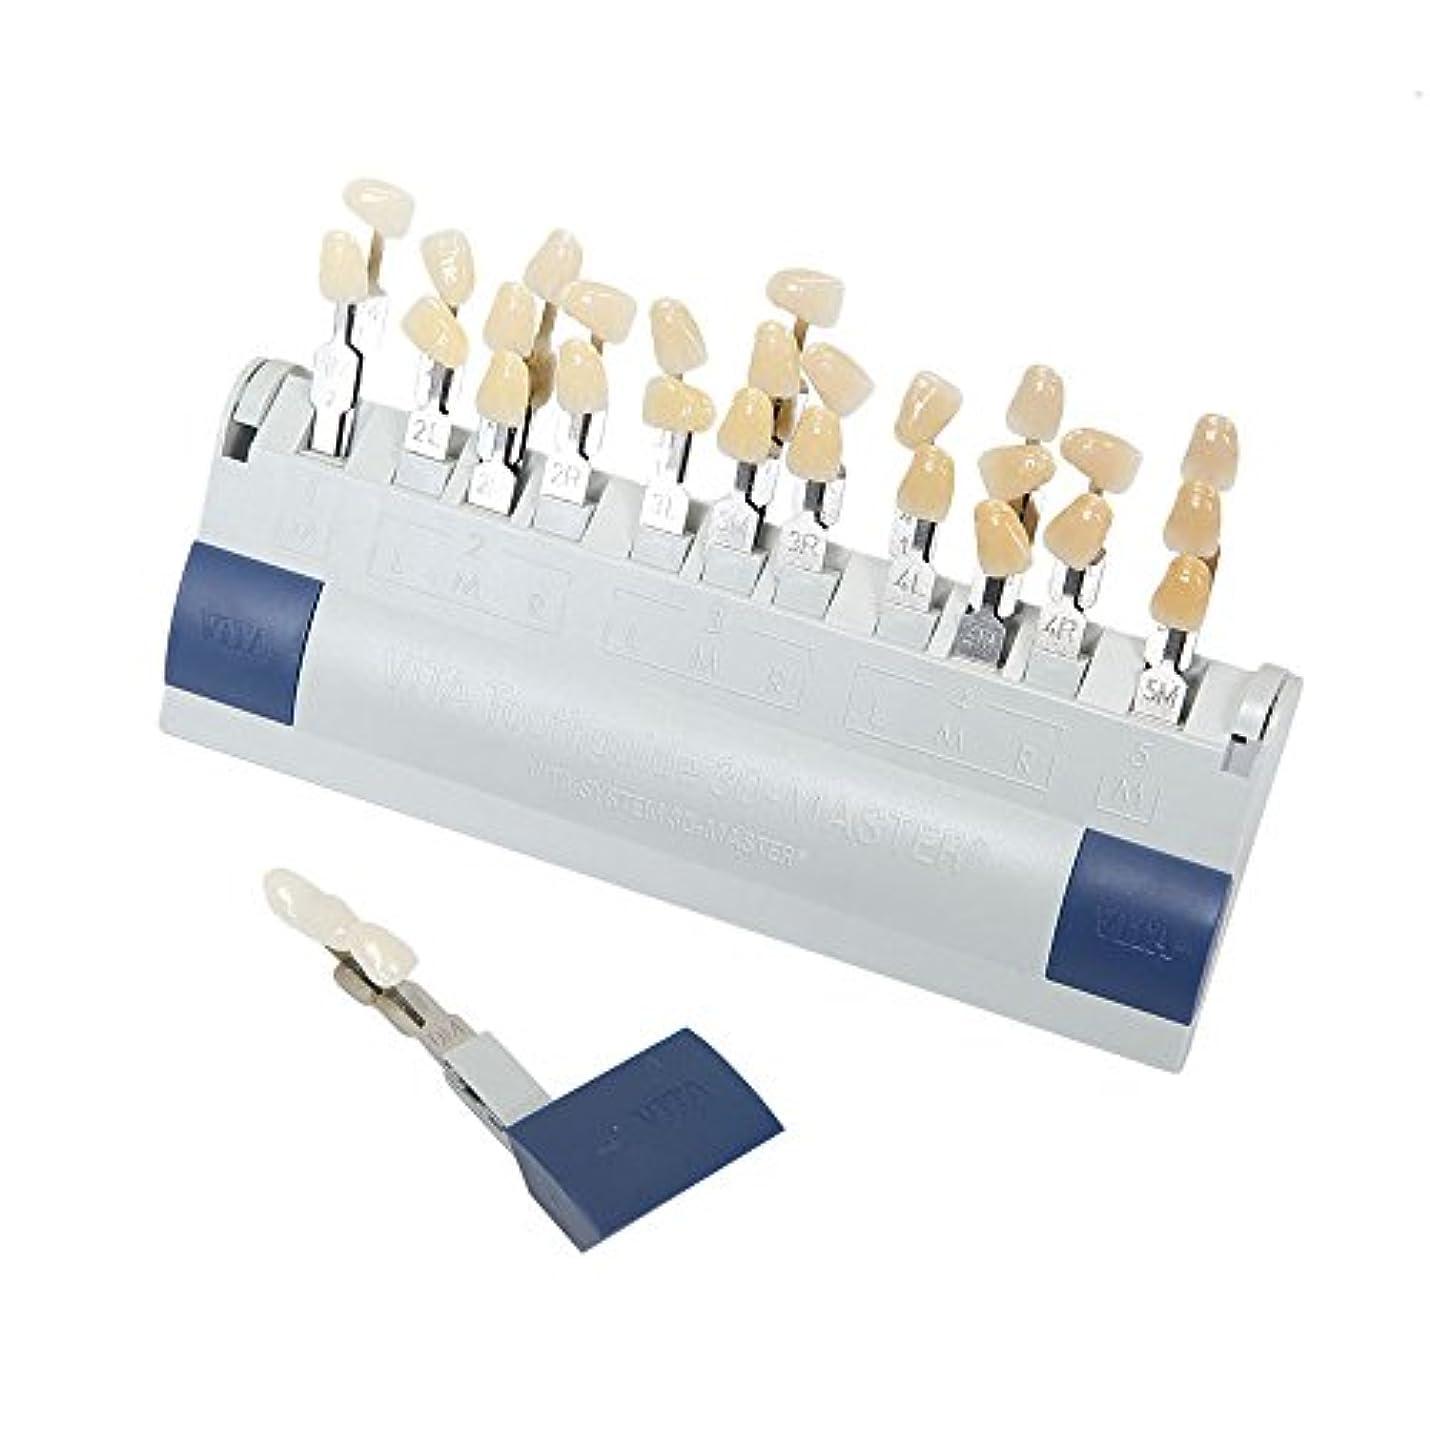 複製する吸い込む証拠VITA 歯科ホワイトニング シェードガイド 29色 3D 歯列模型ボード